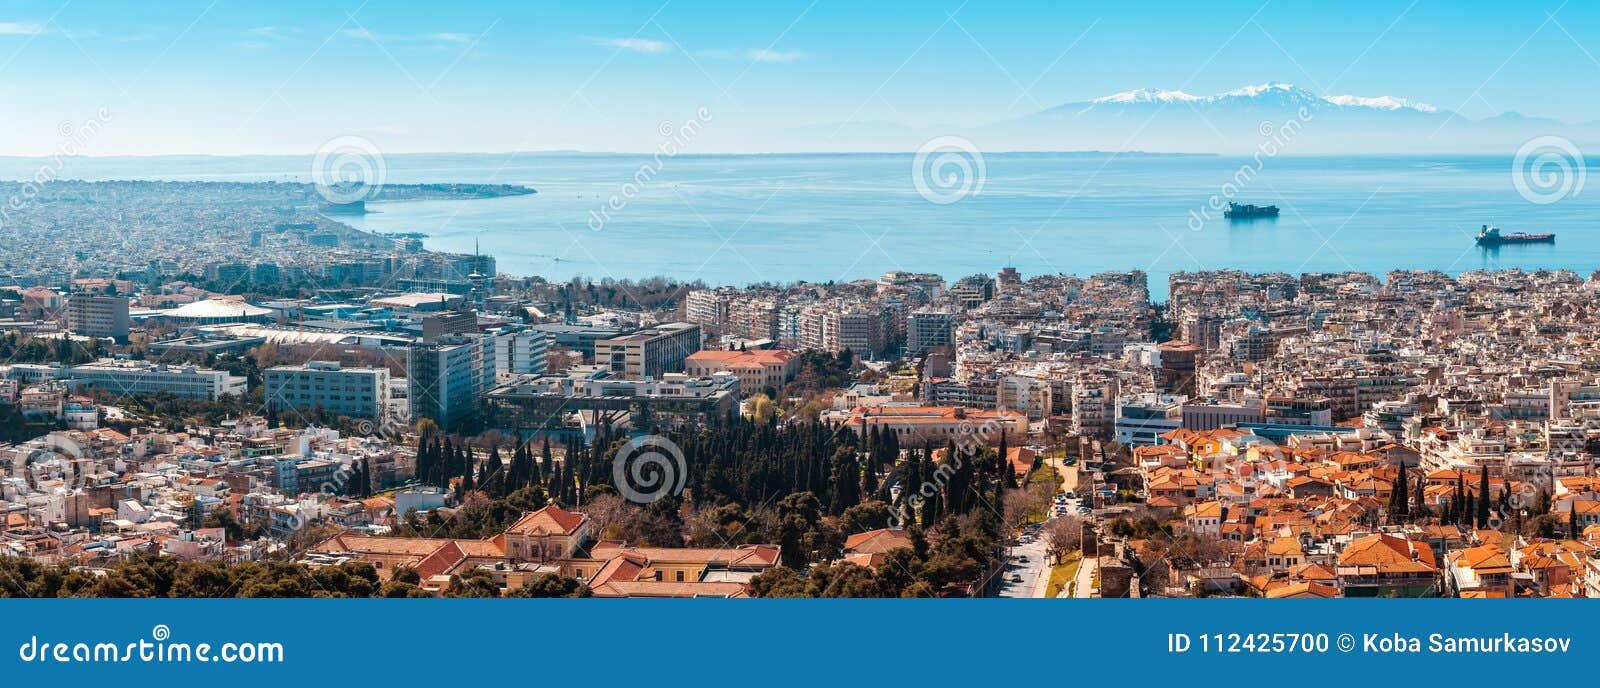 10 03 2018 Salonique, Grèce - vue panoramique de Salonique